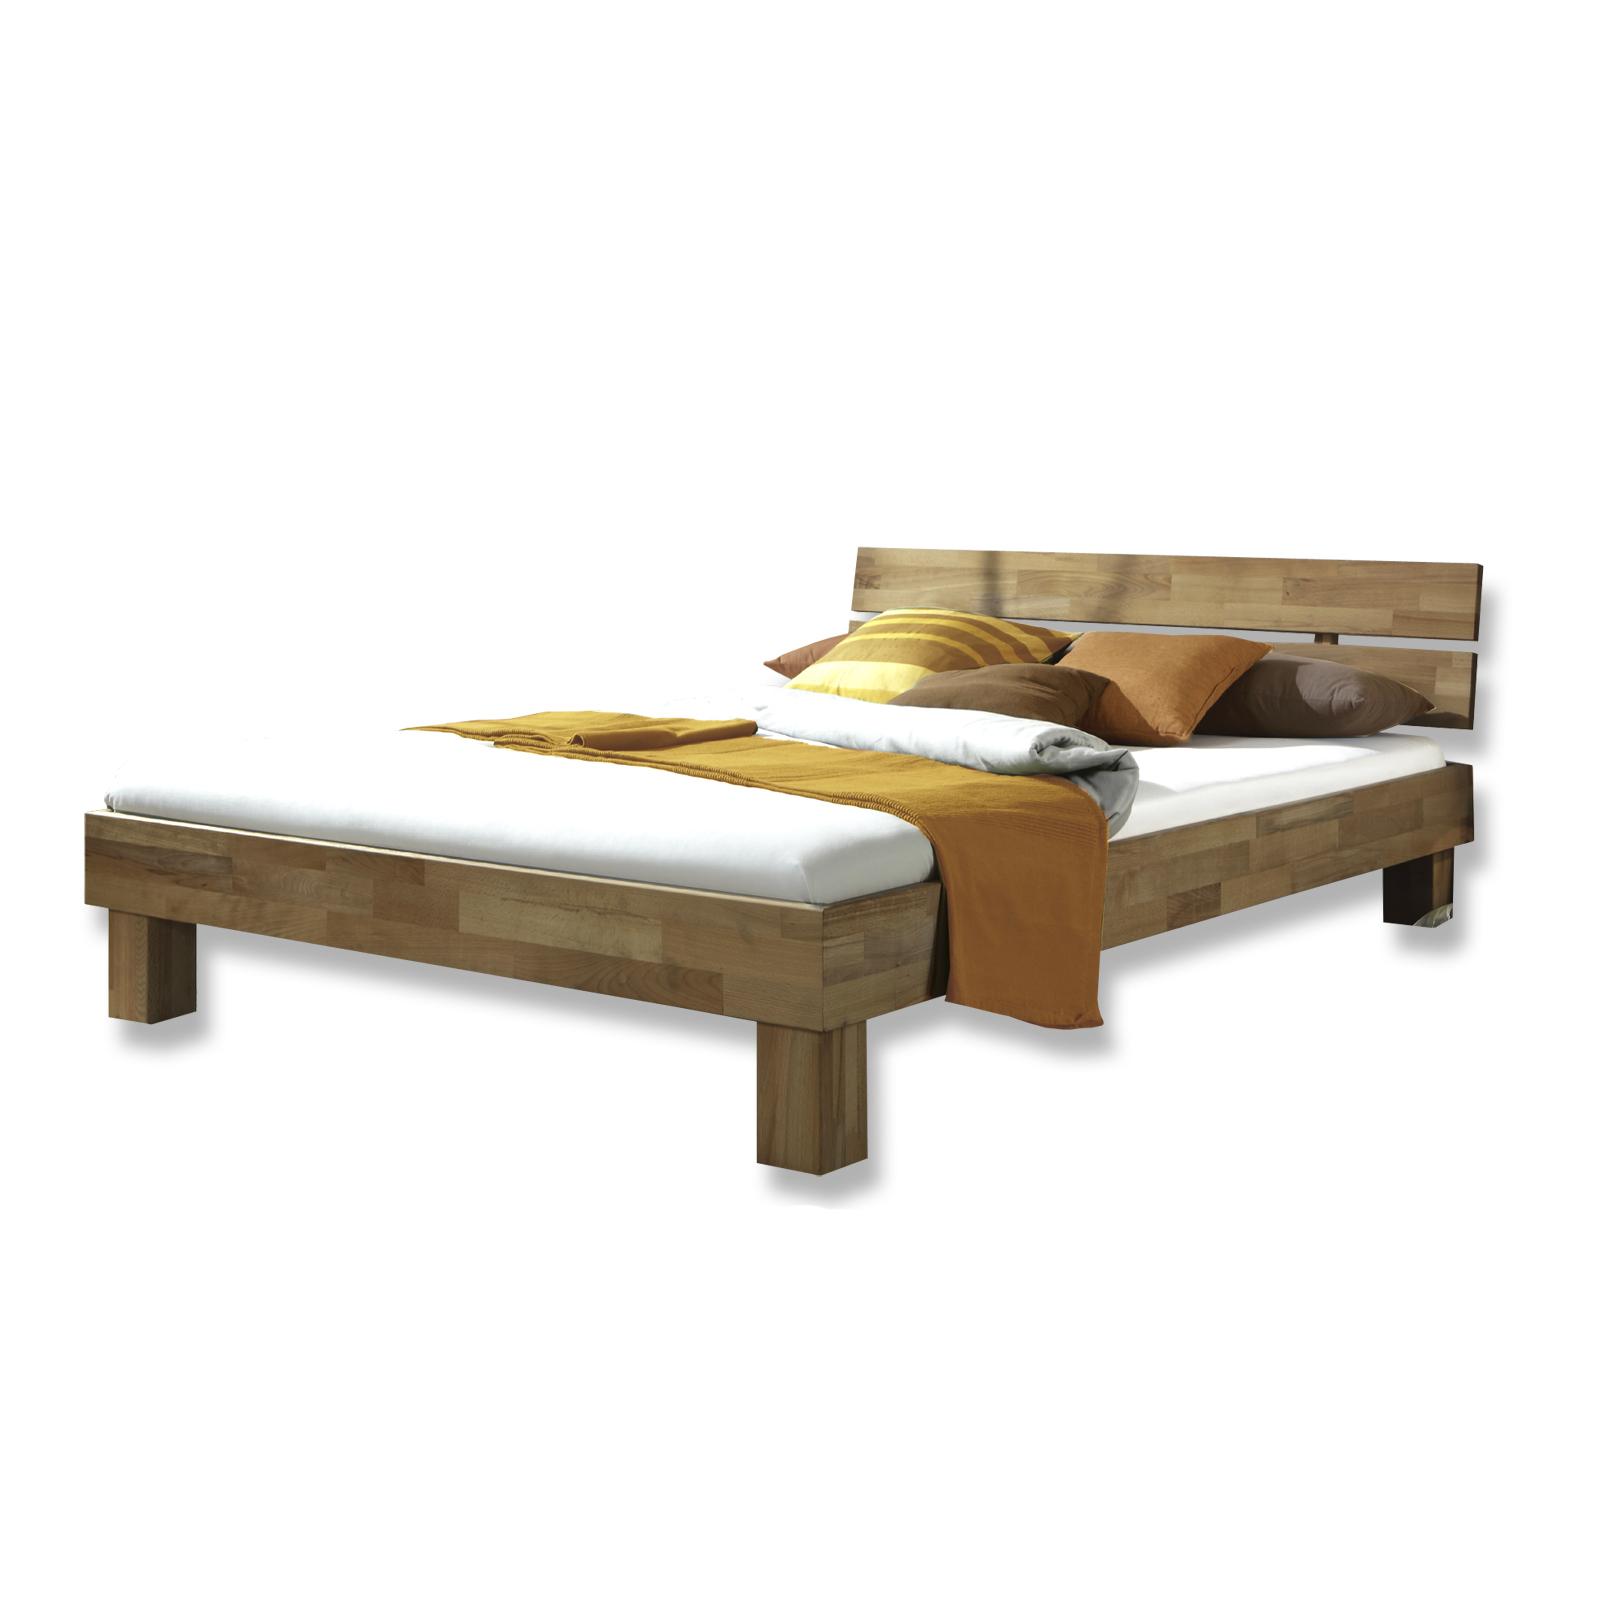 Full Size of Futonbett Wildeiche Massiv 100x200 Cm Online Bei Roller Kaufen Bett Weiß Betten Wohnzimmer Futonbett 100x200